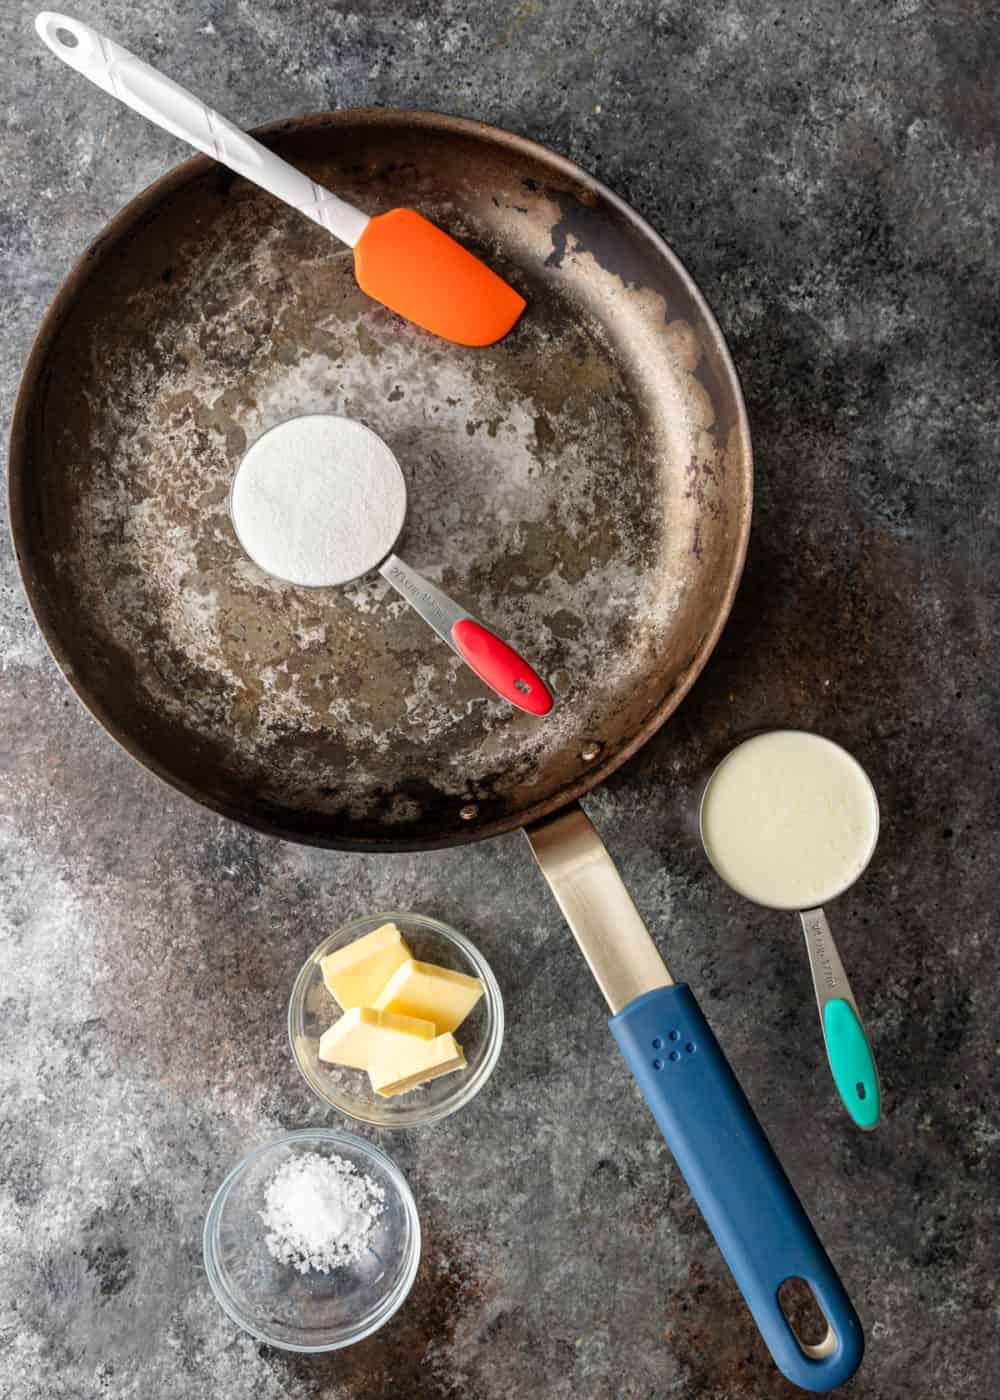 ingredients to make homemade caramel